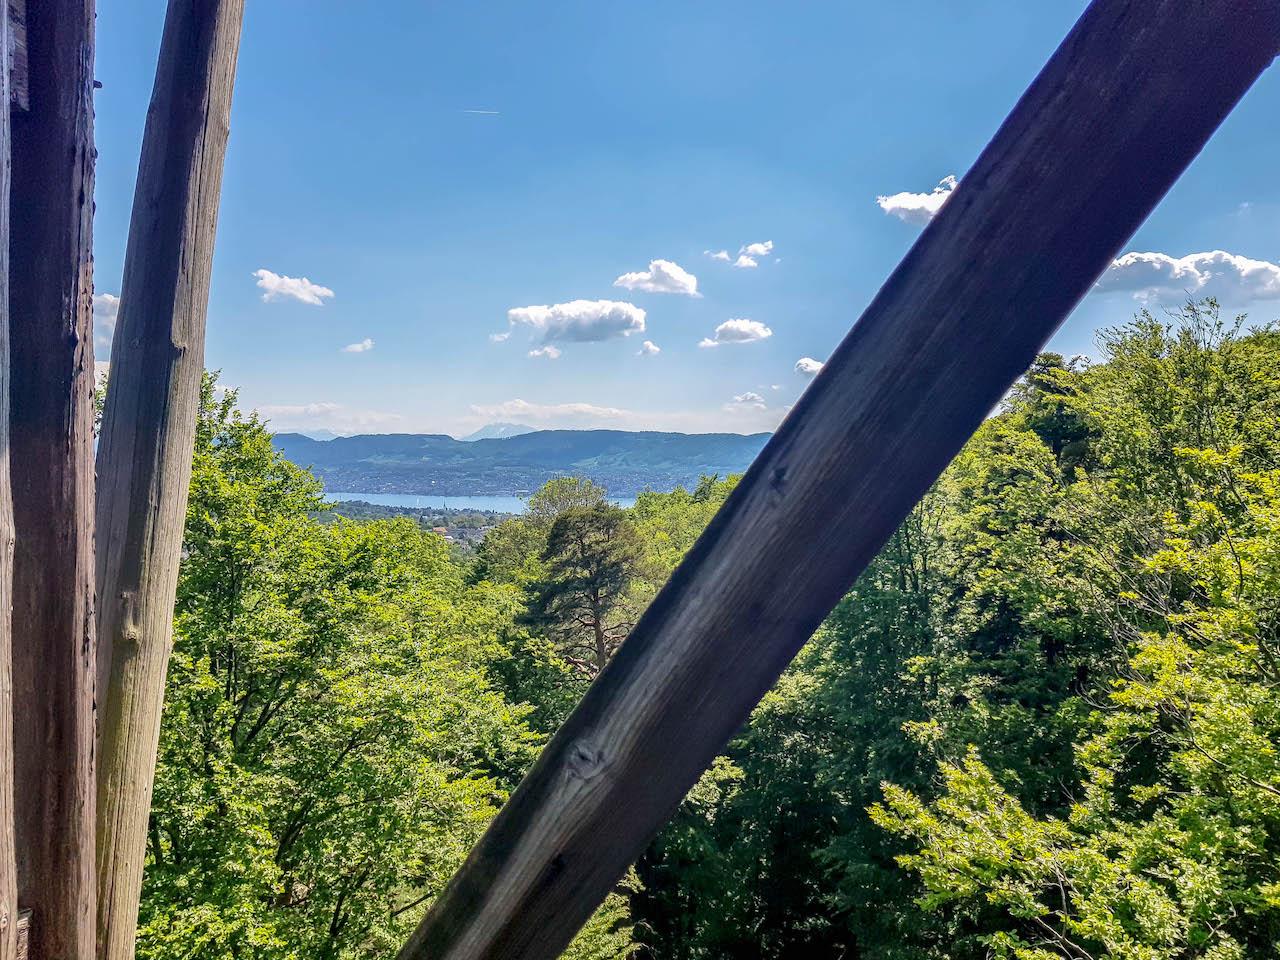 Blick vom Turm Loorenkopf nach Zürich.